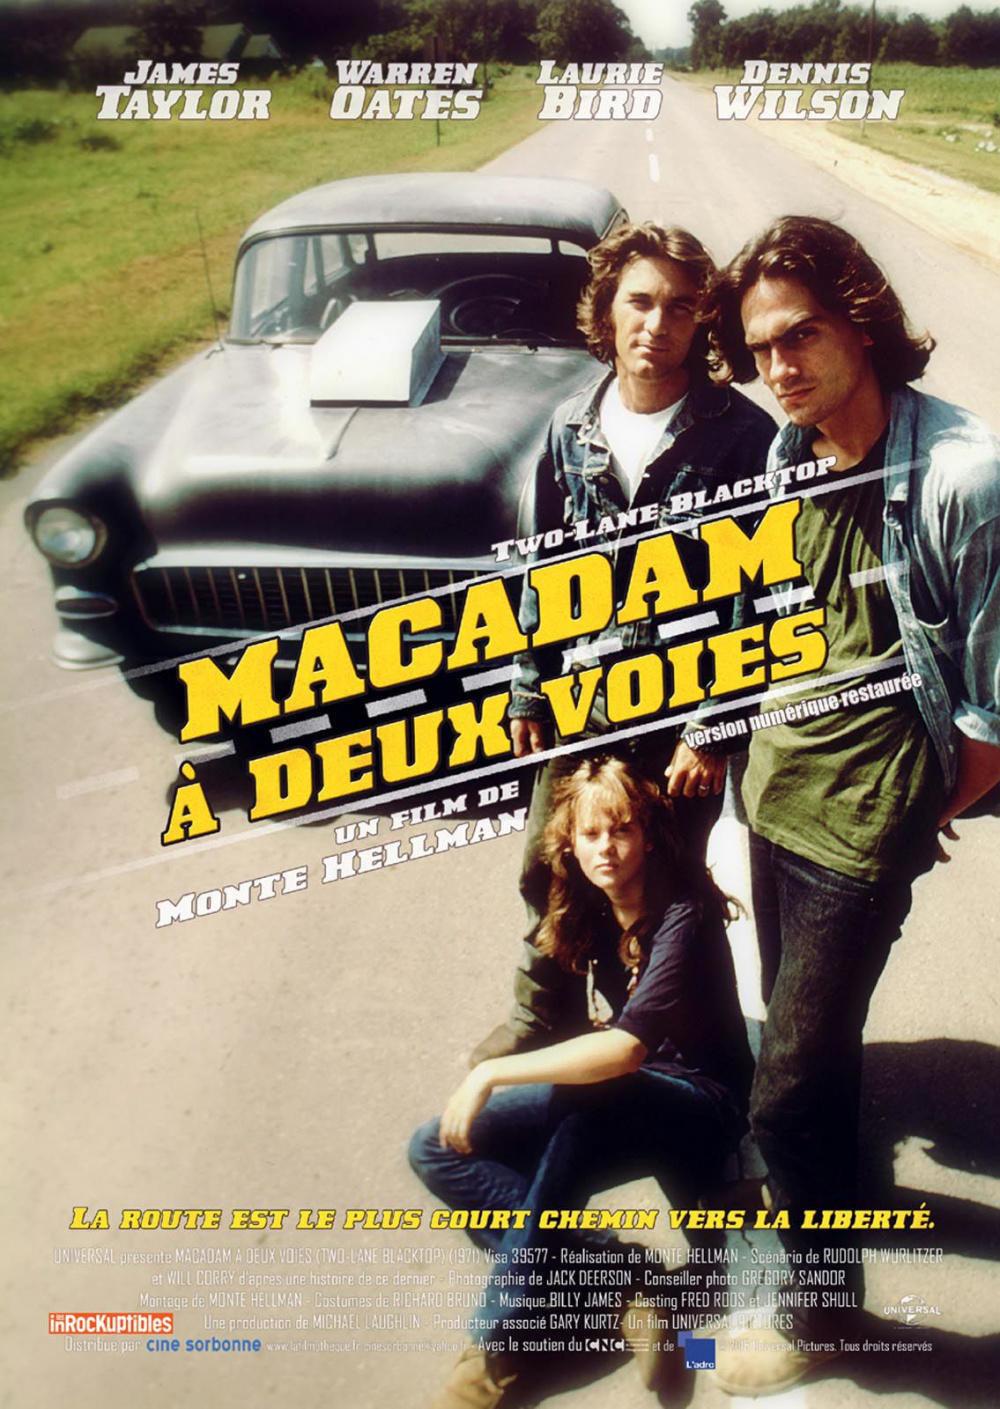 affiche du film Macadam à deux voies